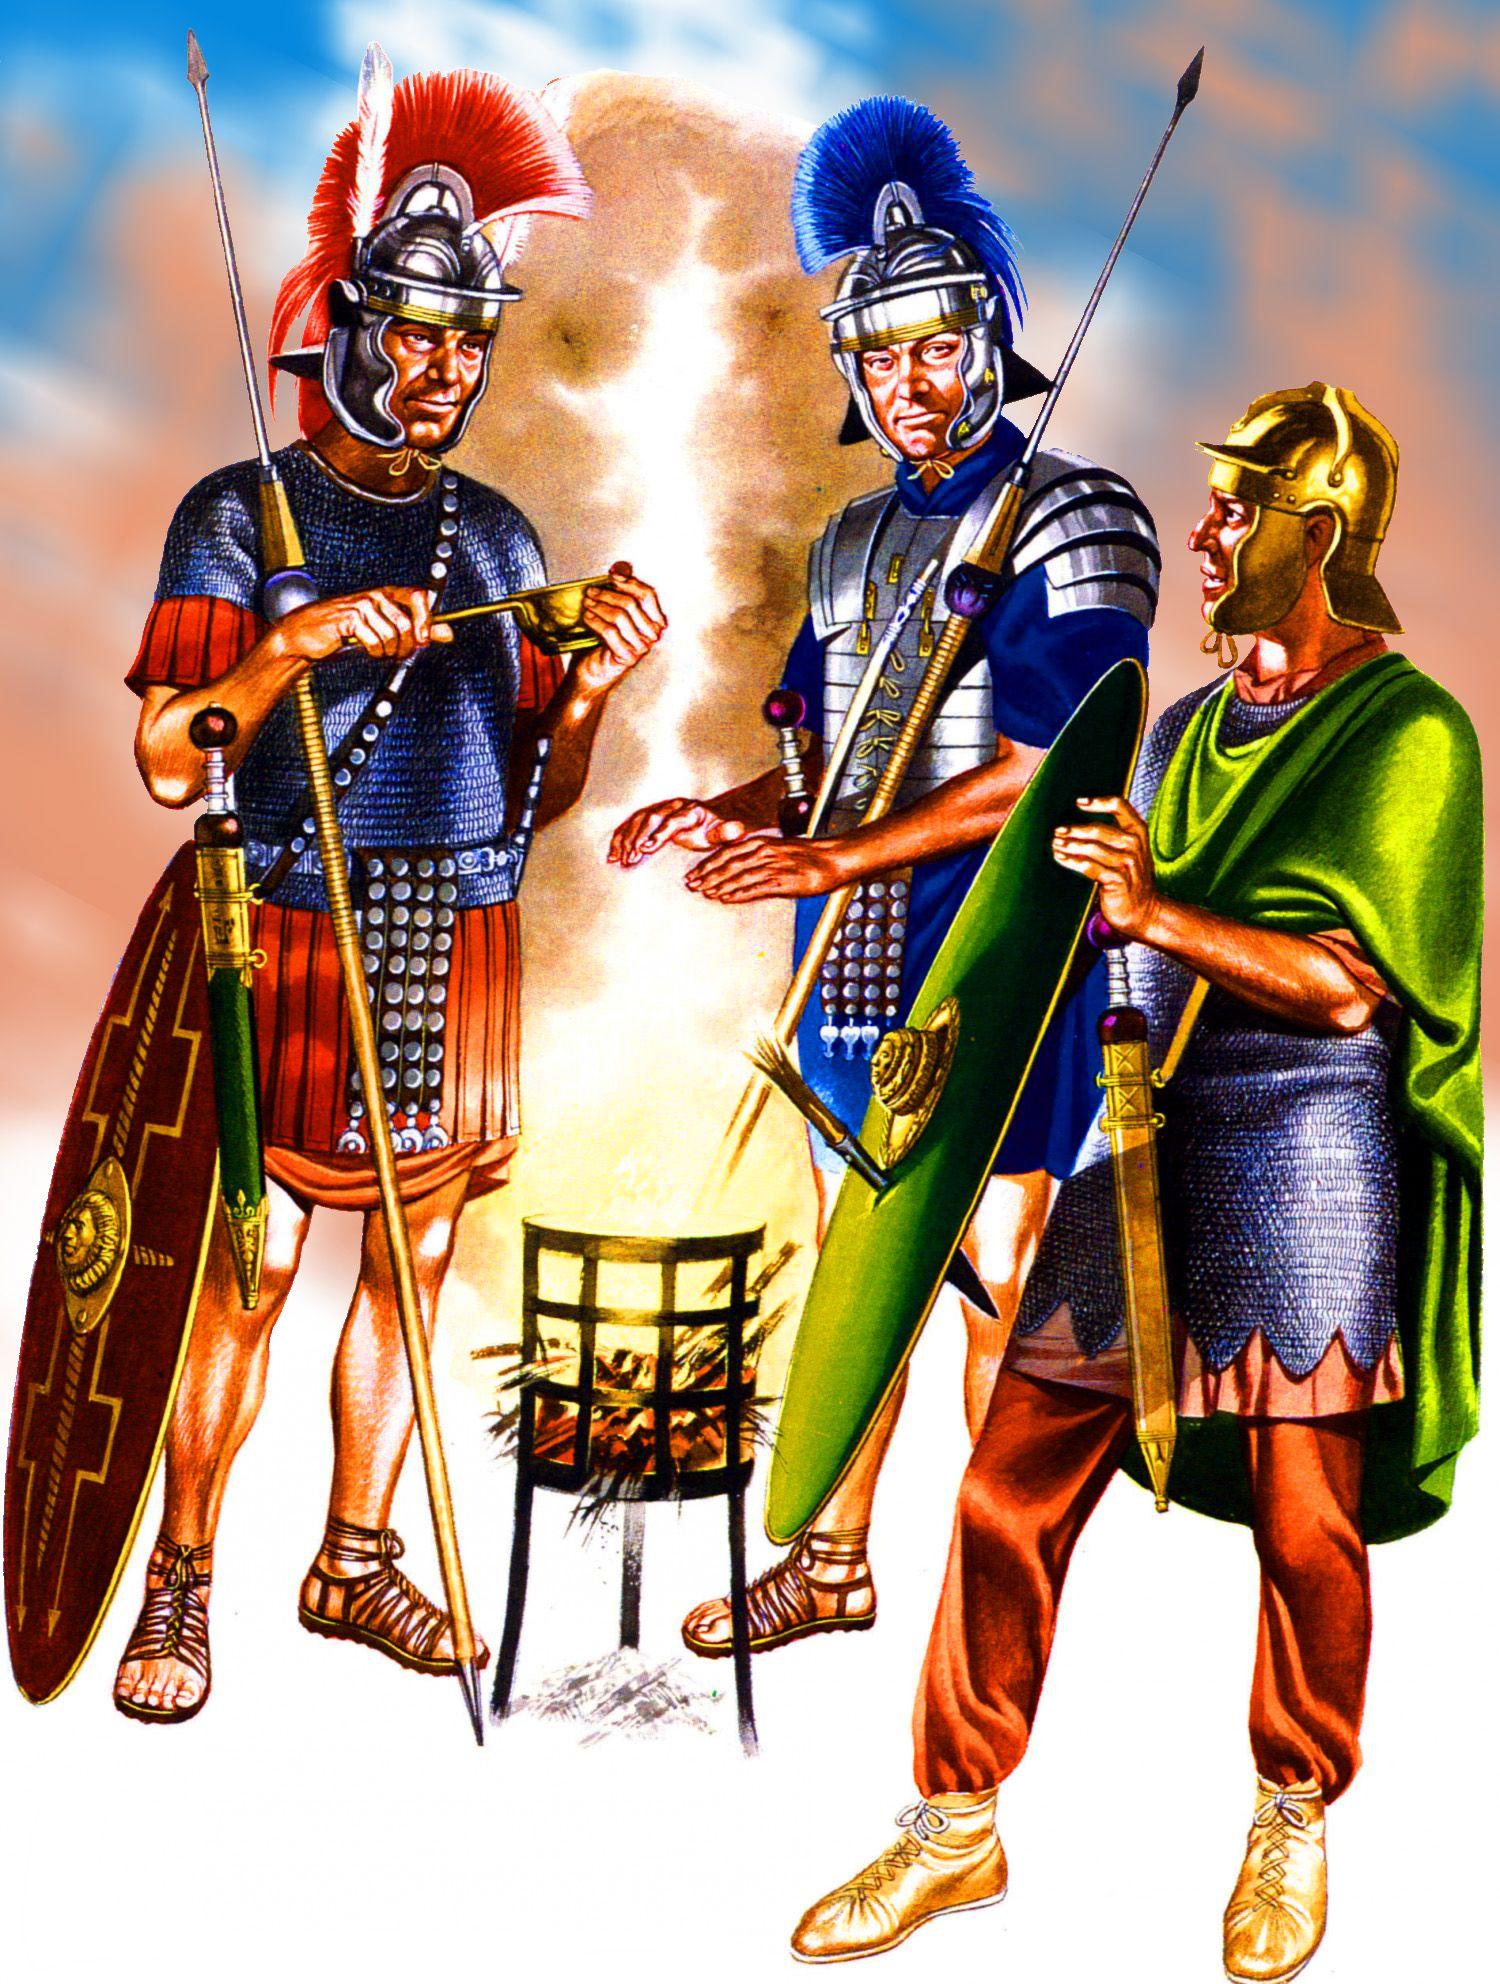 Картинка с воинами разных эпох